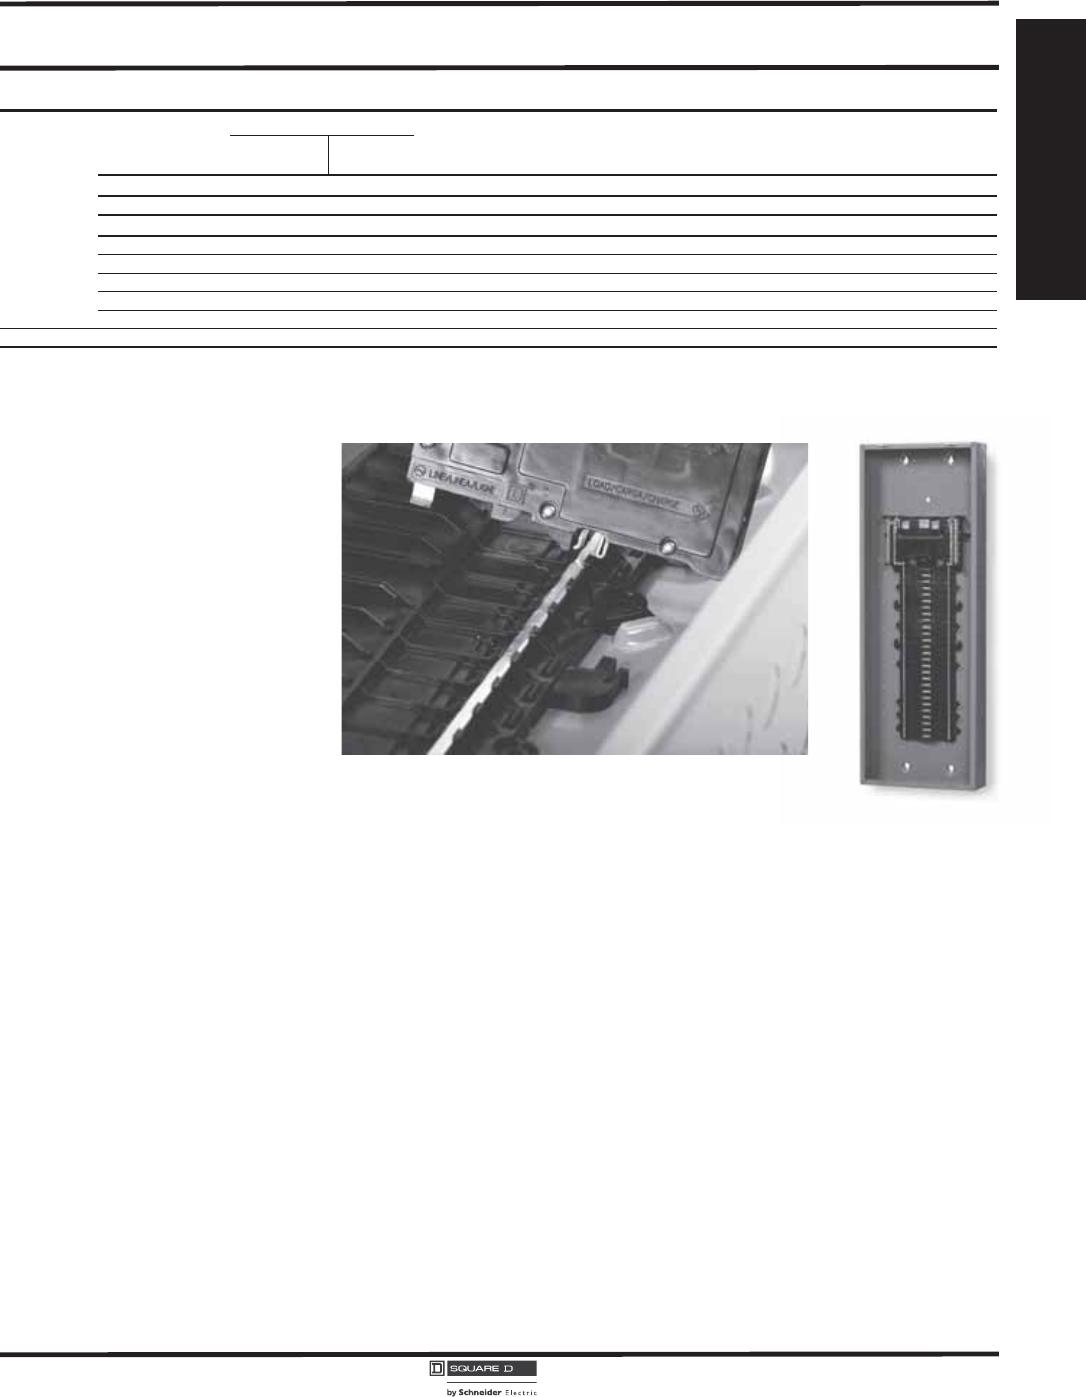 1000425654 Catalog Square D Qo Qwikgard 20 Amp Twopole Gfci Breakerqo220gficp The De1 11